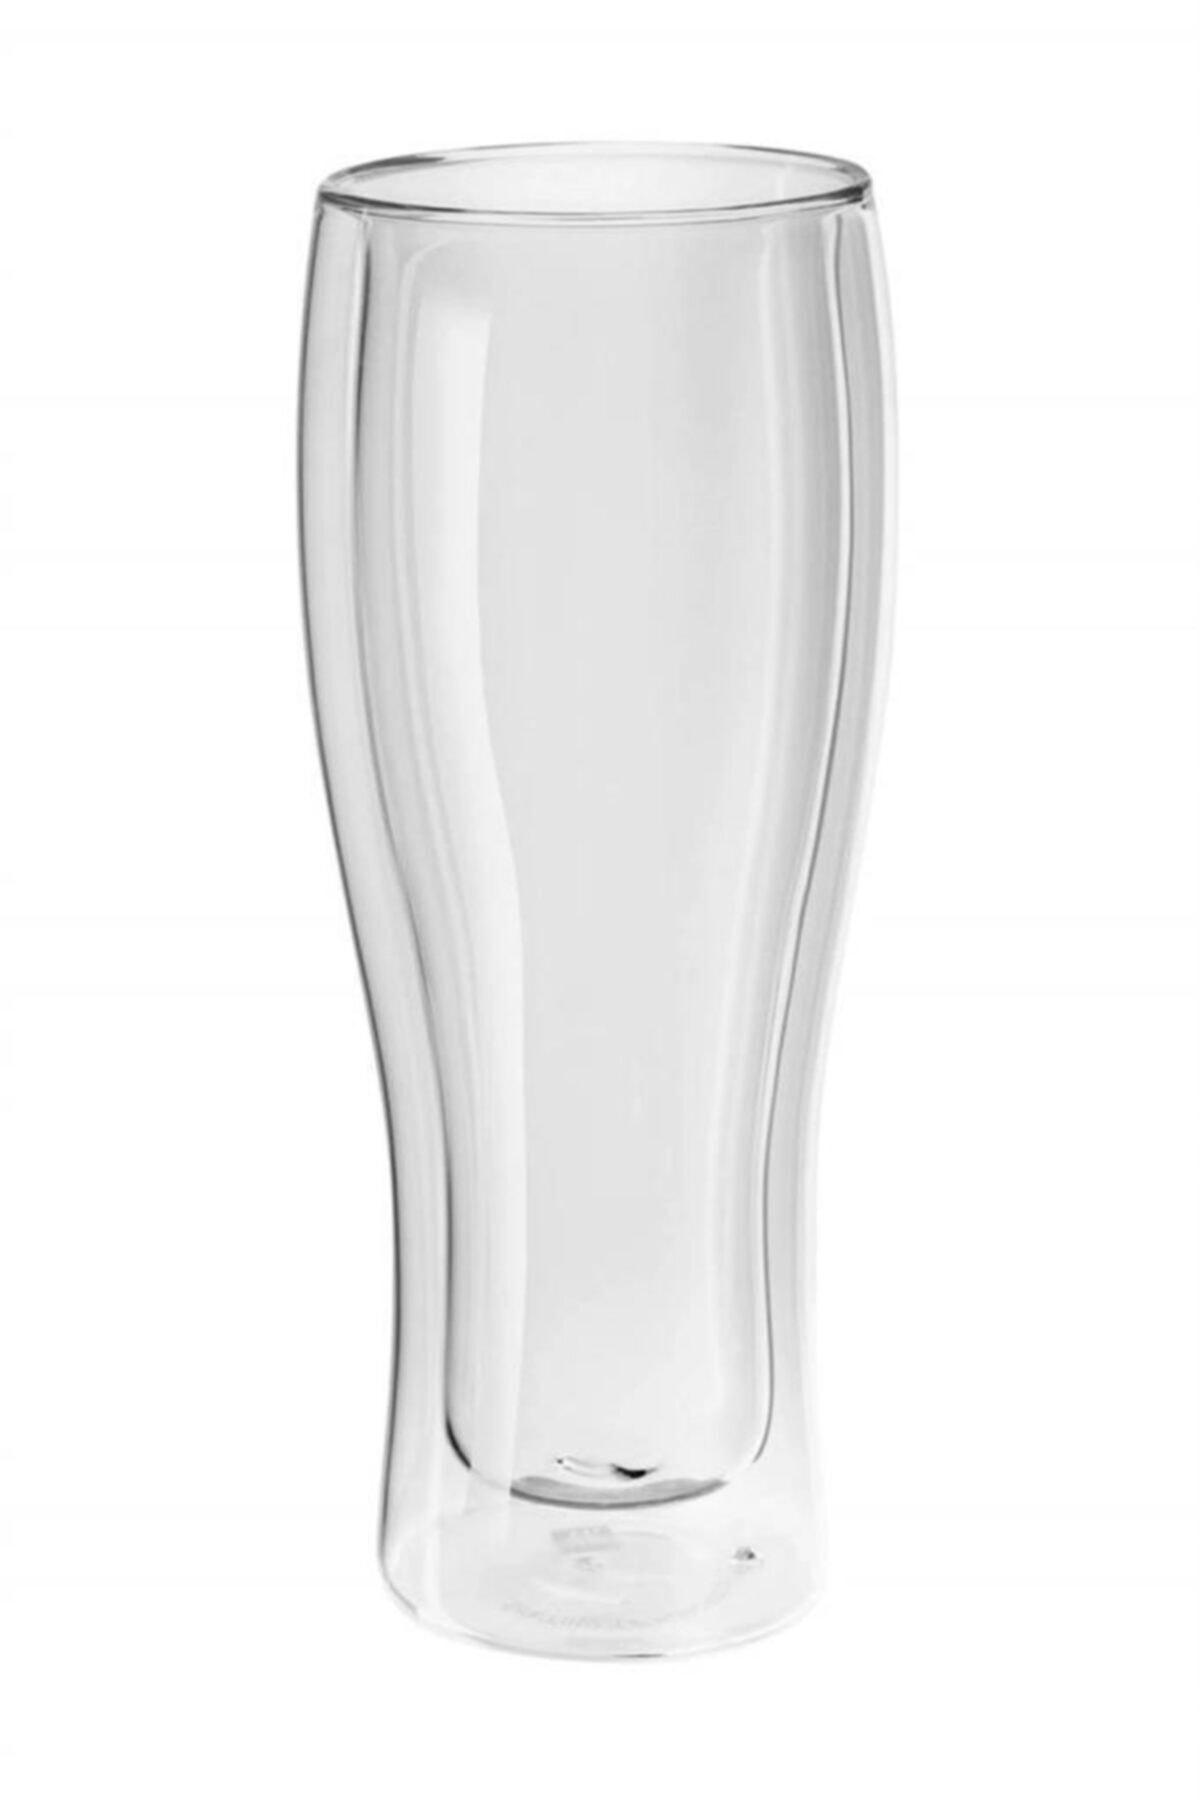 ZWILLING Çift Camlı Cidarlı 2'li Meşrubat Bardağı Seti 214 2